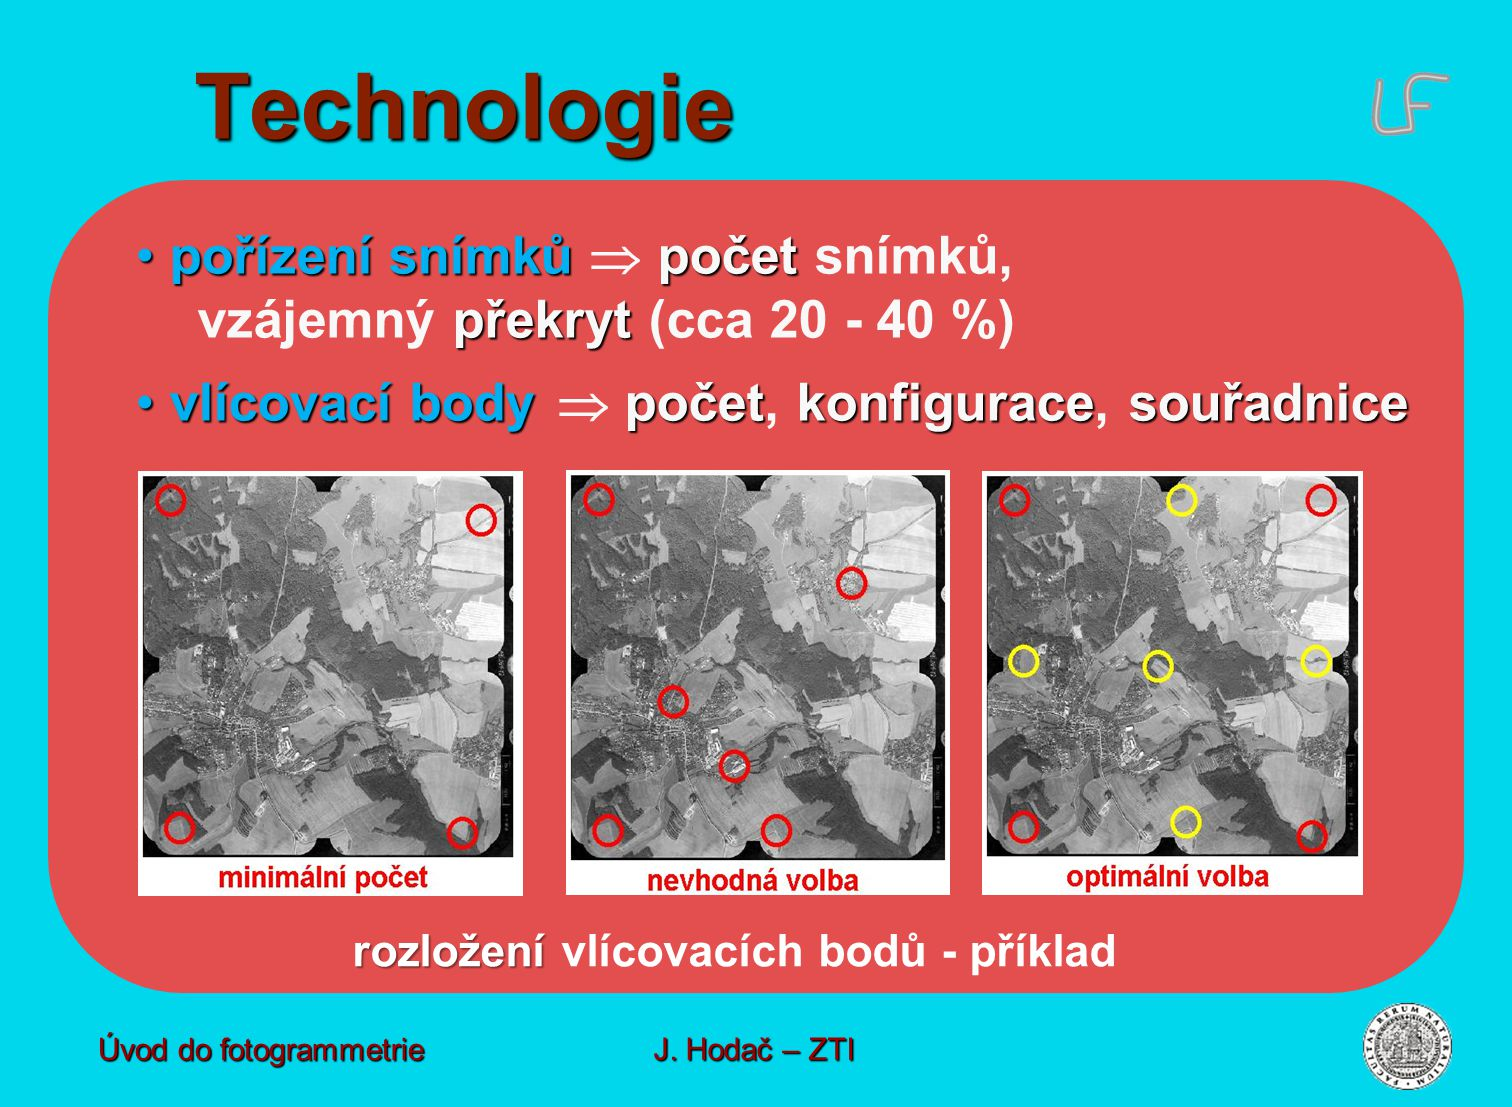 pořízení snímků počet překryt pořízení snímků  počet snímků, vzájemný překryt (cca 20 - 40 %) vlícovací body početkonfiguracesouřadnice vlícovací body  počet, konfigurace, souřadnice rozložení rozložení vlícovacích bodů - příklad Technologie Úvod do fotogrammetrie J.